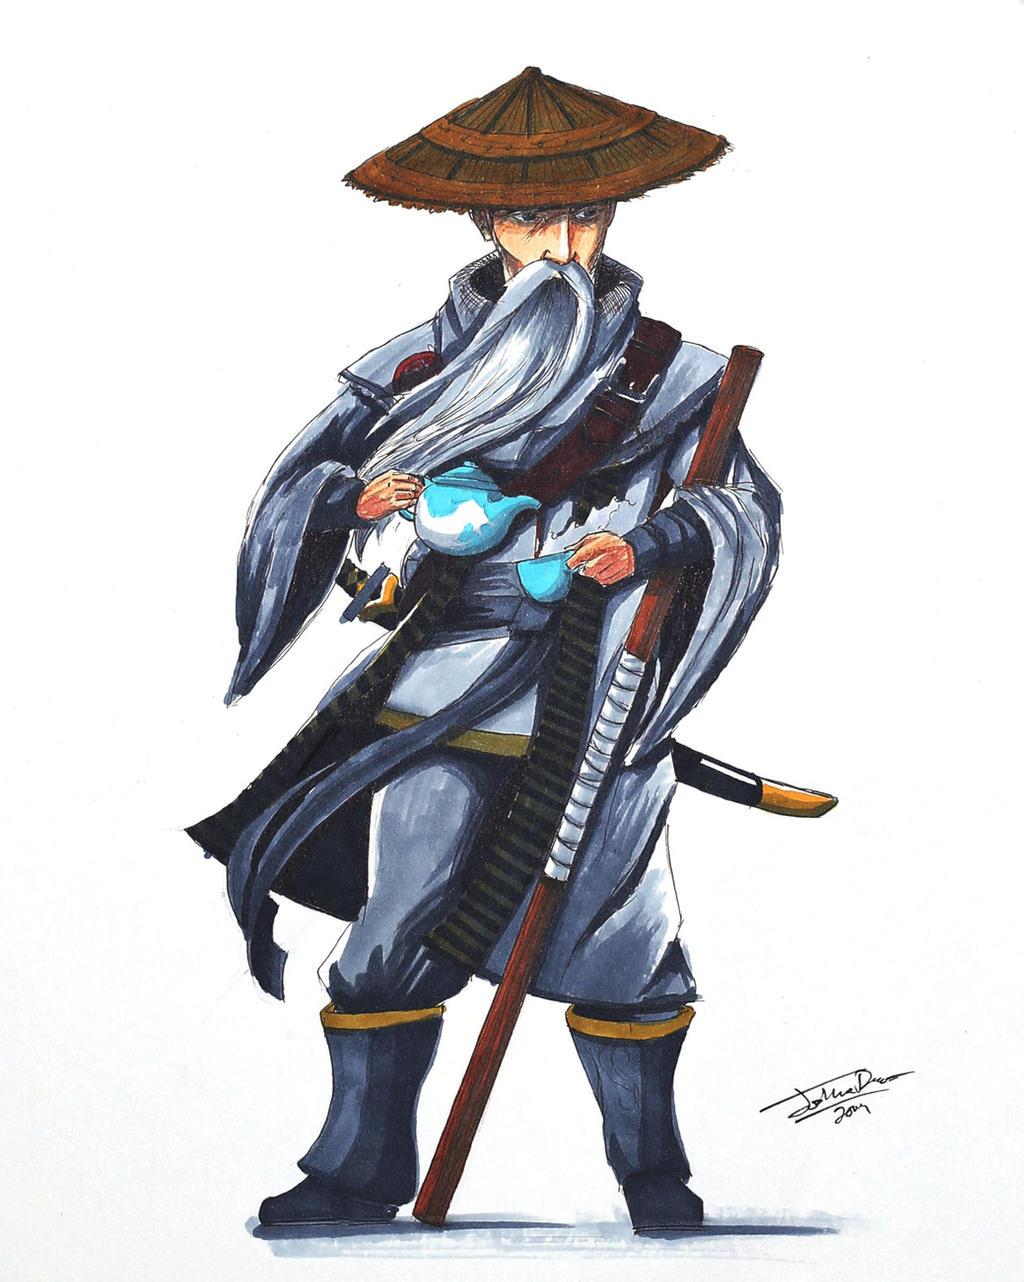 Sensei wu ninjago by joshuad17 on deviantart - Ninjago sensei wu ...